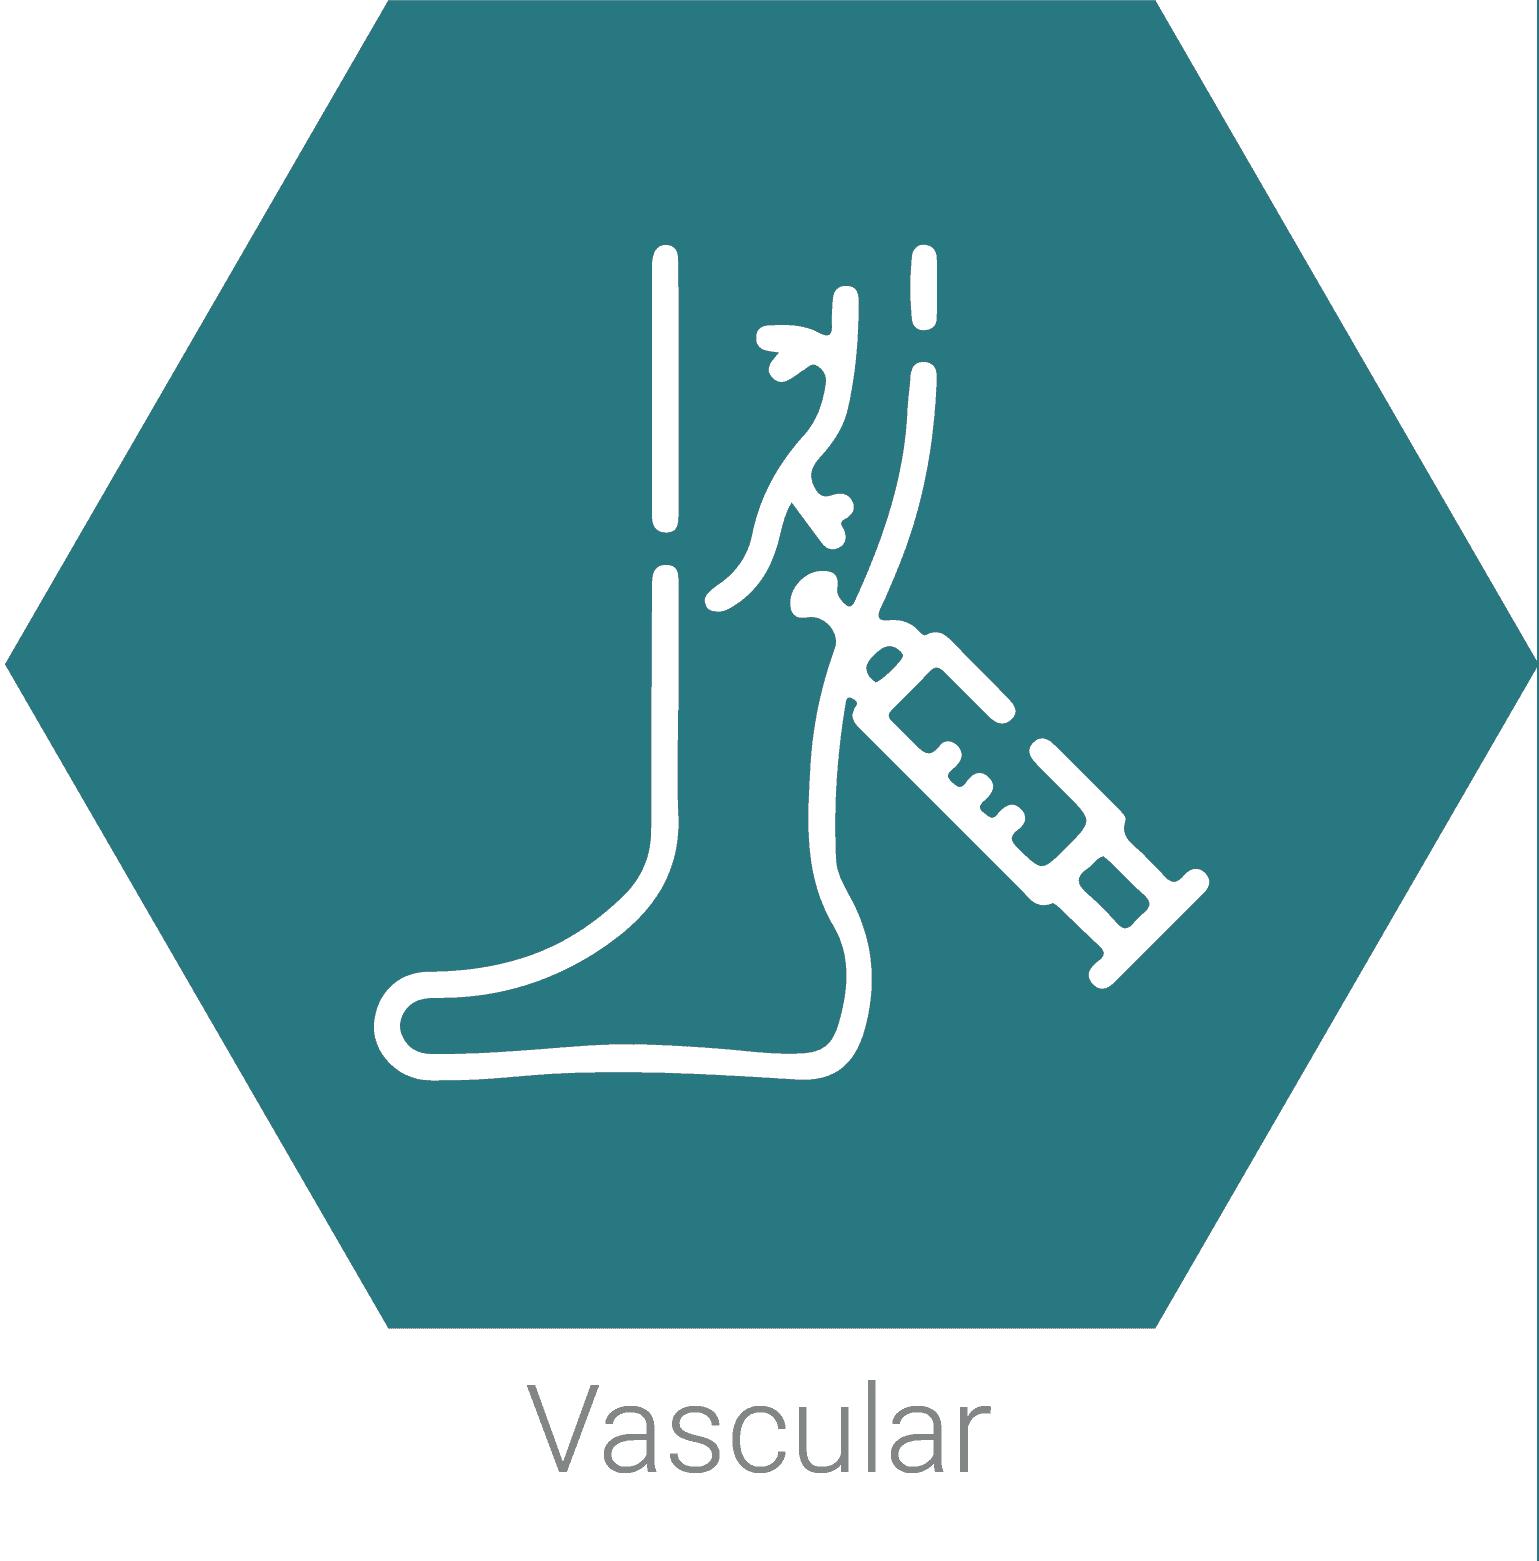 Vascular_1